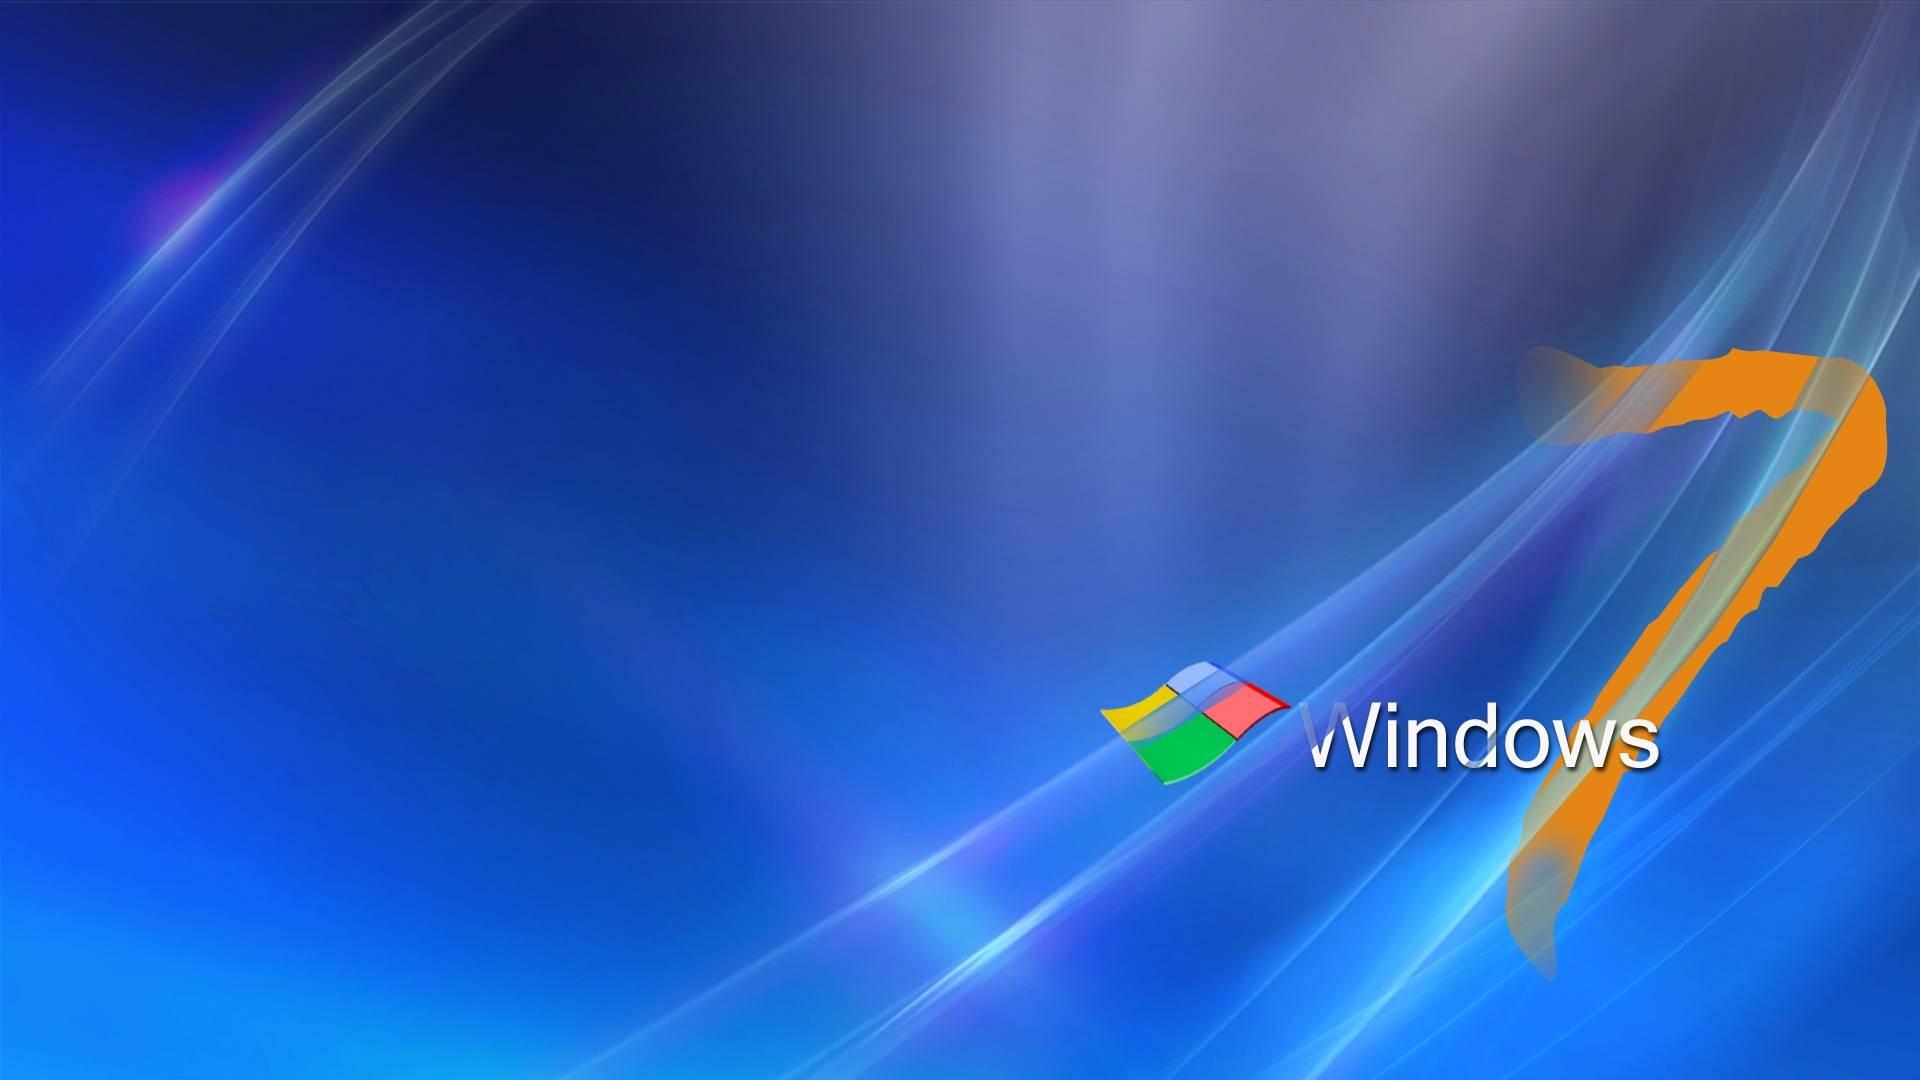 Windows 7 hd wallpapers for Window 7 hd wallpaper